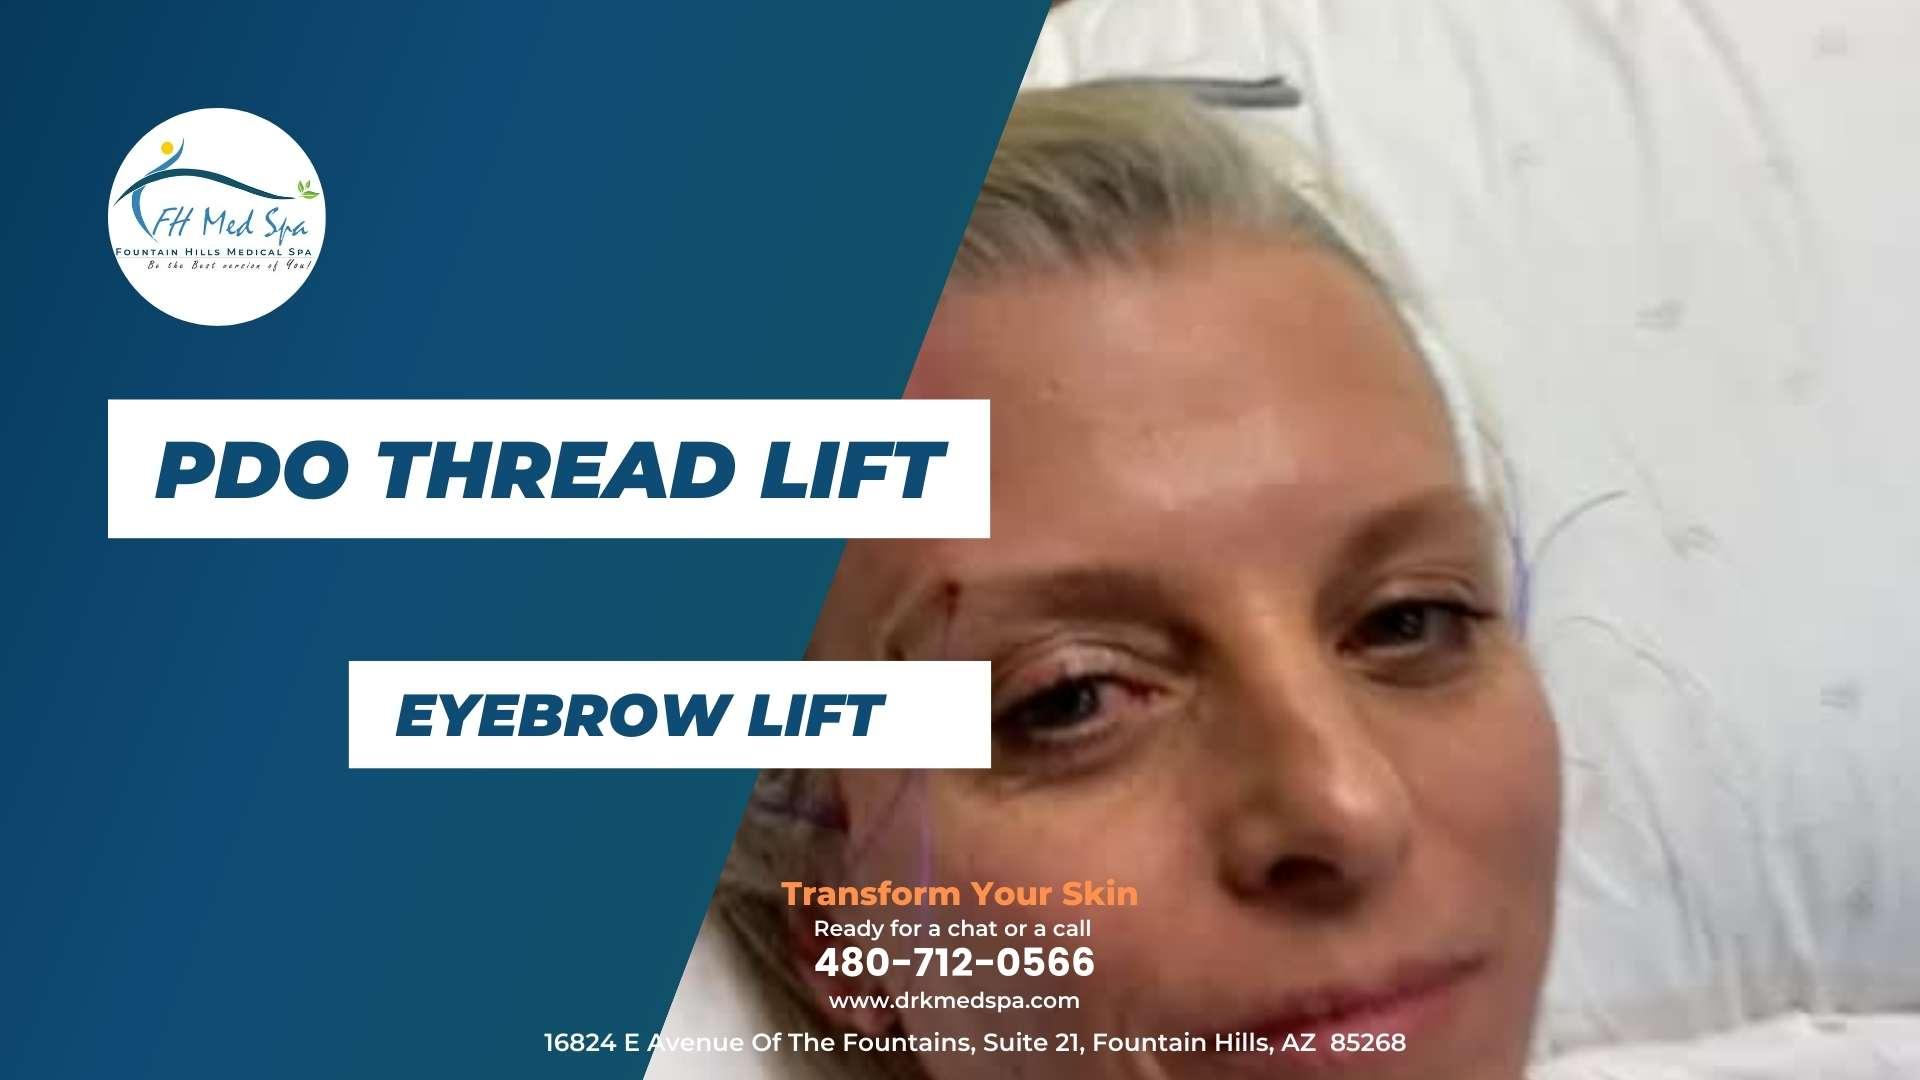 PDO Thread Lift - Eyebrow Lift - Dr. K MedSpa - Arizona, California